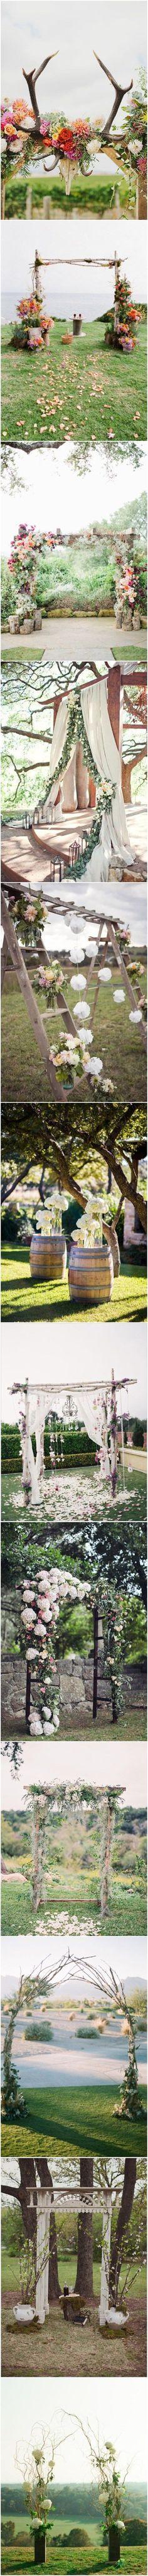 Rustic Wedding Ideas - Floral Wedding Arches Decorating Ideas